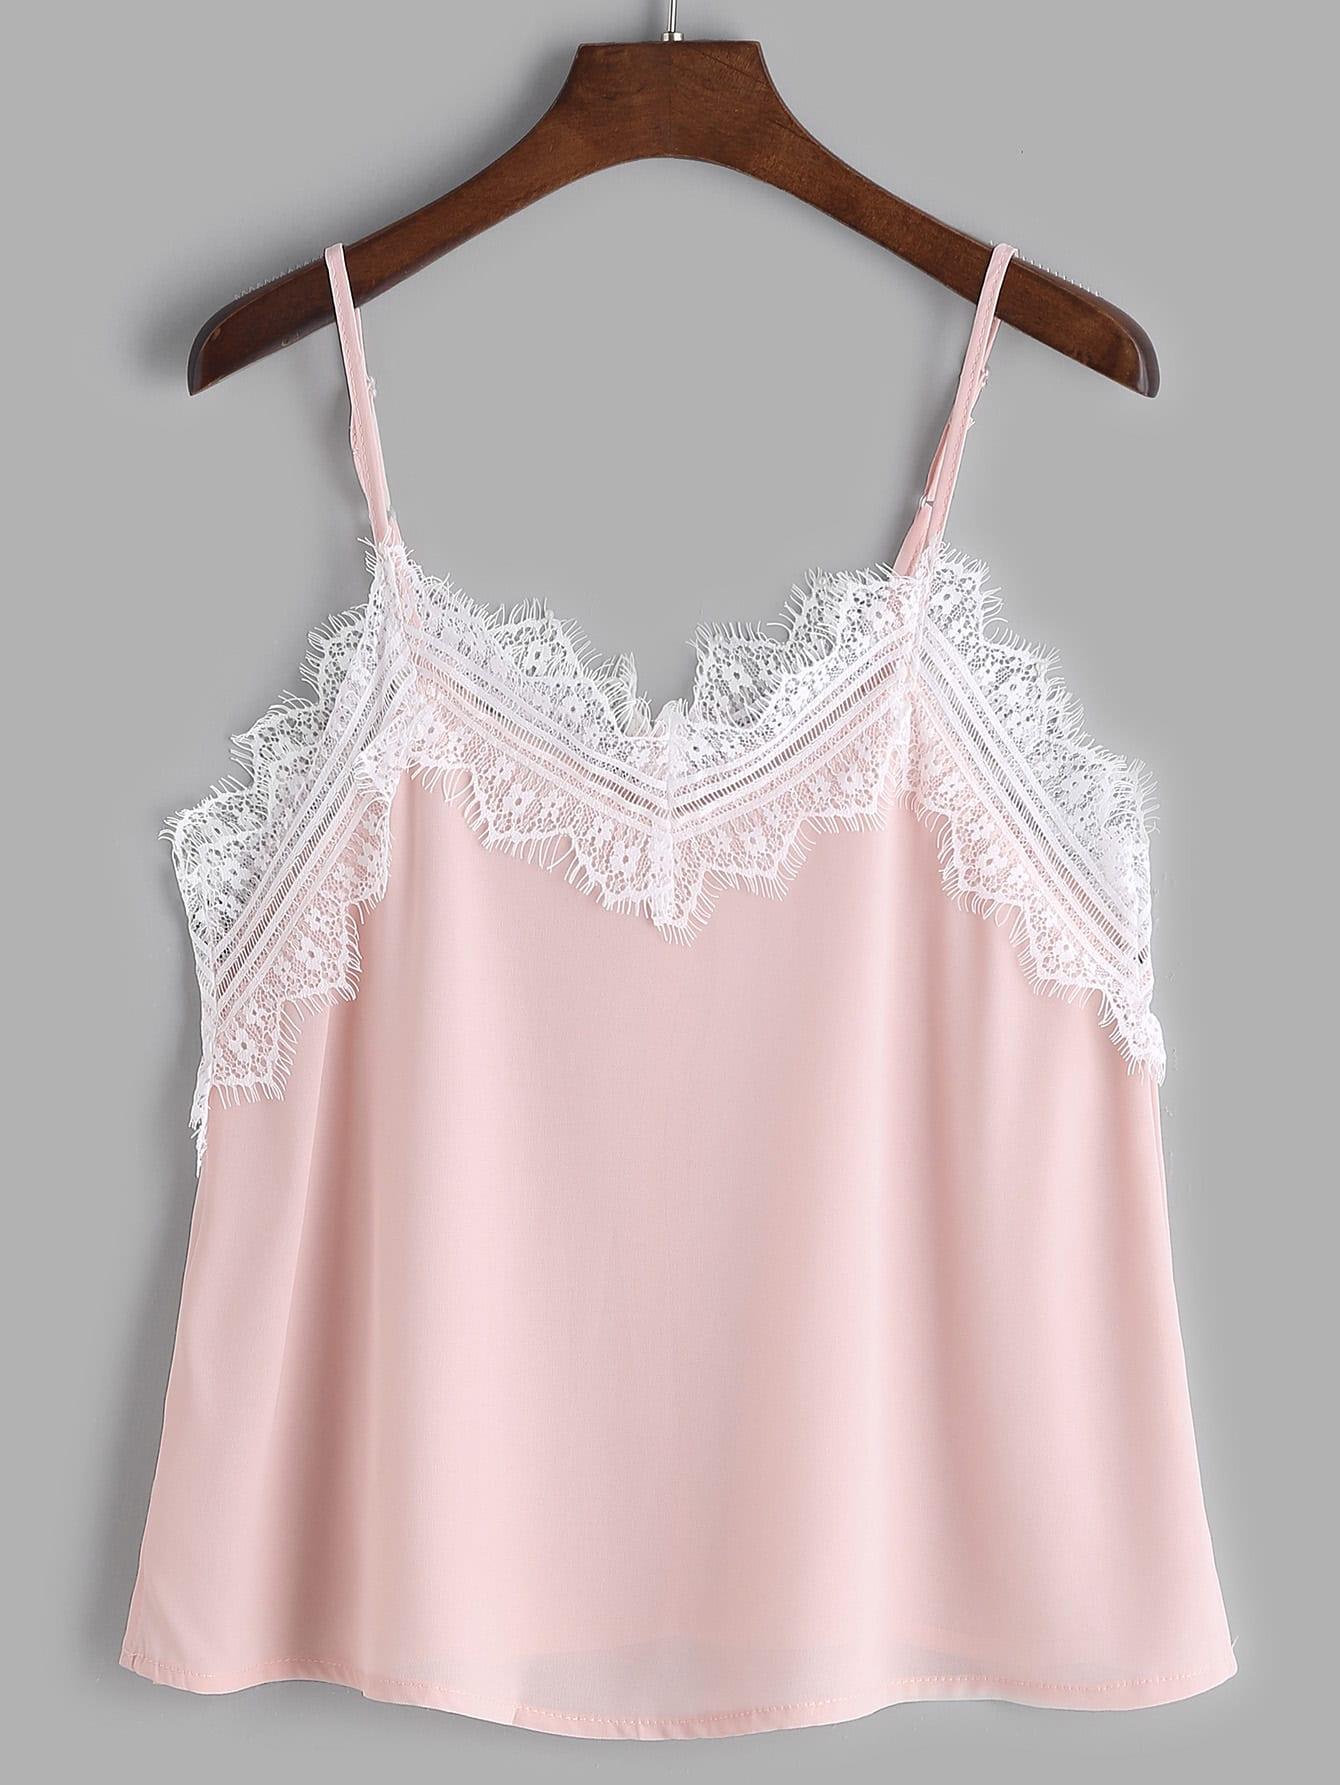 Pink Contrast Eyelash Lace Trim Cami Top vest170221002